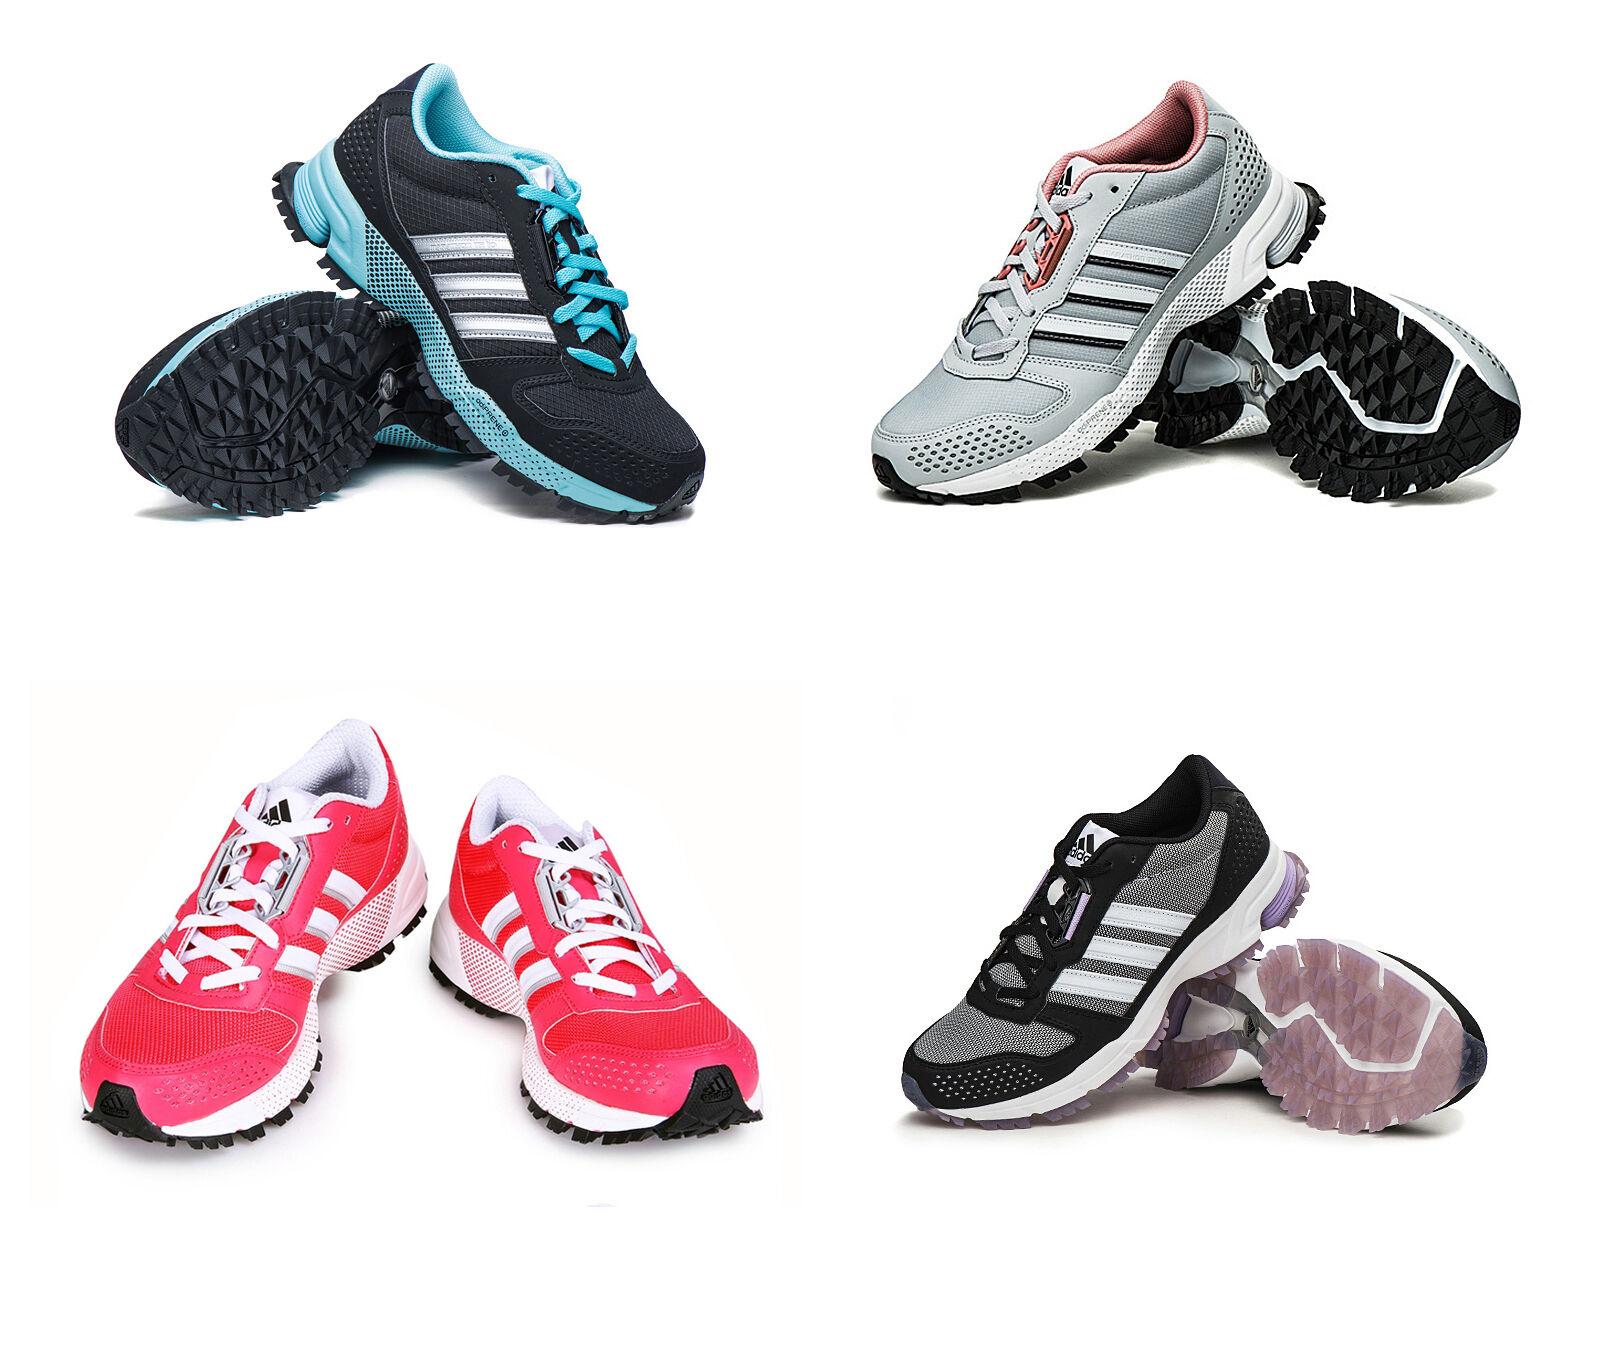 huge selection of 7c046 9f87f Adidas donne della maratona di 10 tracce delle scarpe da da da corsa d66709  facendo palestra